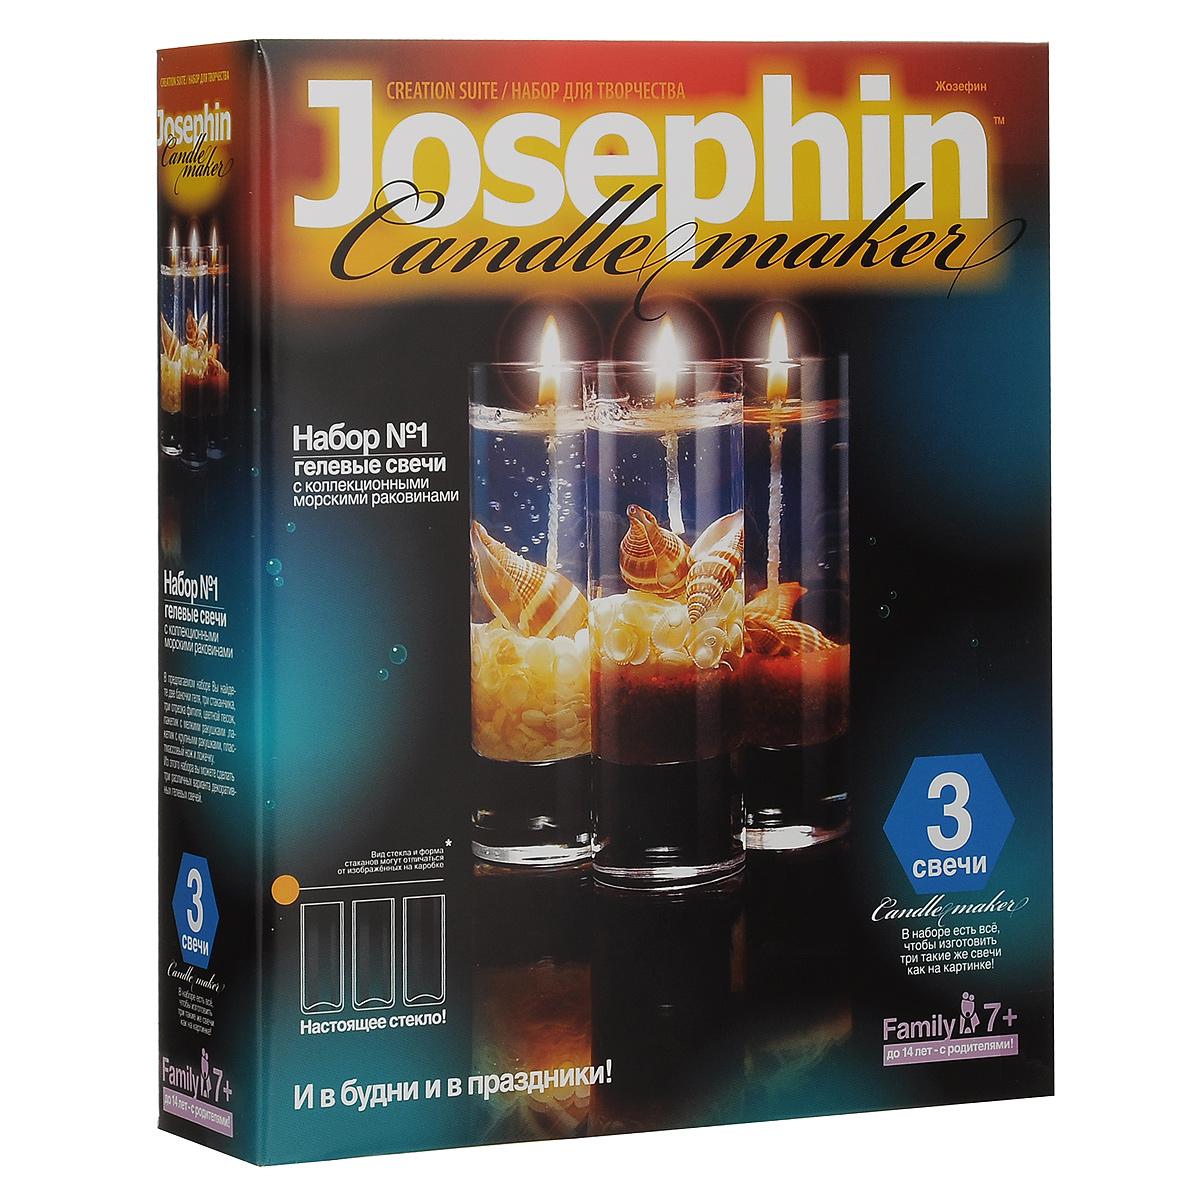 """В наборе для изготовления гелевых свечей """"Josephin №1"""" вы найдете две баночки геля, три стаканчика, три отрезка фитиля, цветной песок, пакетик с мелкими ракушками, пакетик с крупными ракушками, пластмассовый нож, ложечку и подробную инструкцию по работе с набором. Из этого набора вы сможете изготовить три различных варианта декоративных гелевых свечей. Кто не мечтал о своем """"маленьком свечном заводике""""? Вот он! Праздник, семейное торжество или обычный день - набор отлично подойдет для подарка, для эксклюзивно изготовленного украшения праздника или просто позволит увлекательно и уютно провести вечер в семейном кругу. Это своего рода соревнование в фантазии и вкусе, изобретательности и декоративном таланте. Огромное количество всевозможных узоров, красок, эффектов. Создай свою коллекцию! Детям до 14 лет под присмотром родителей."""